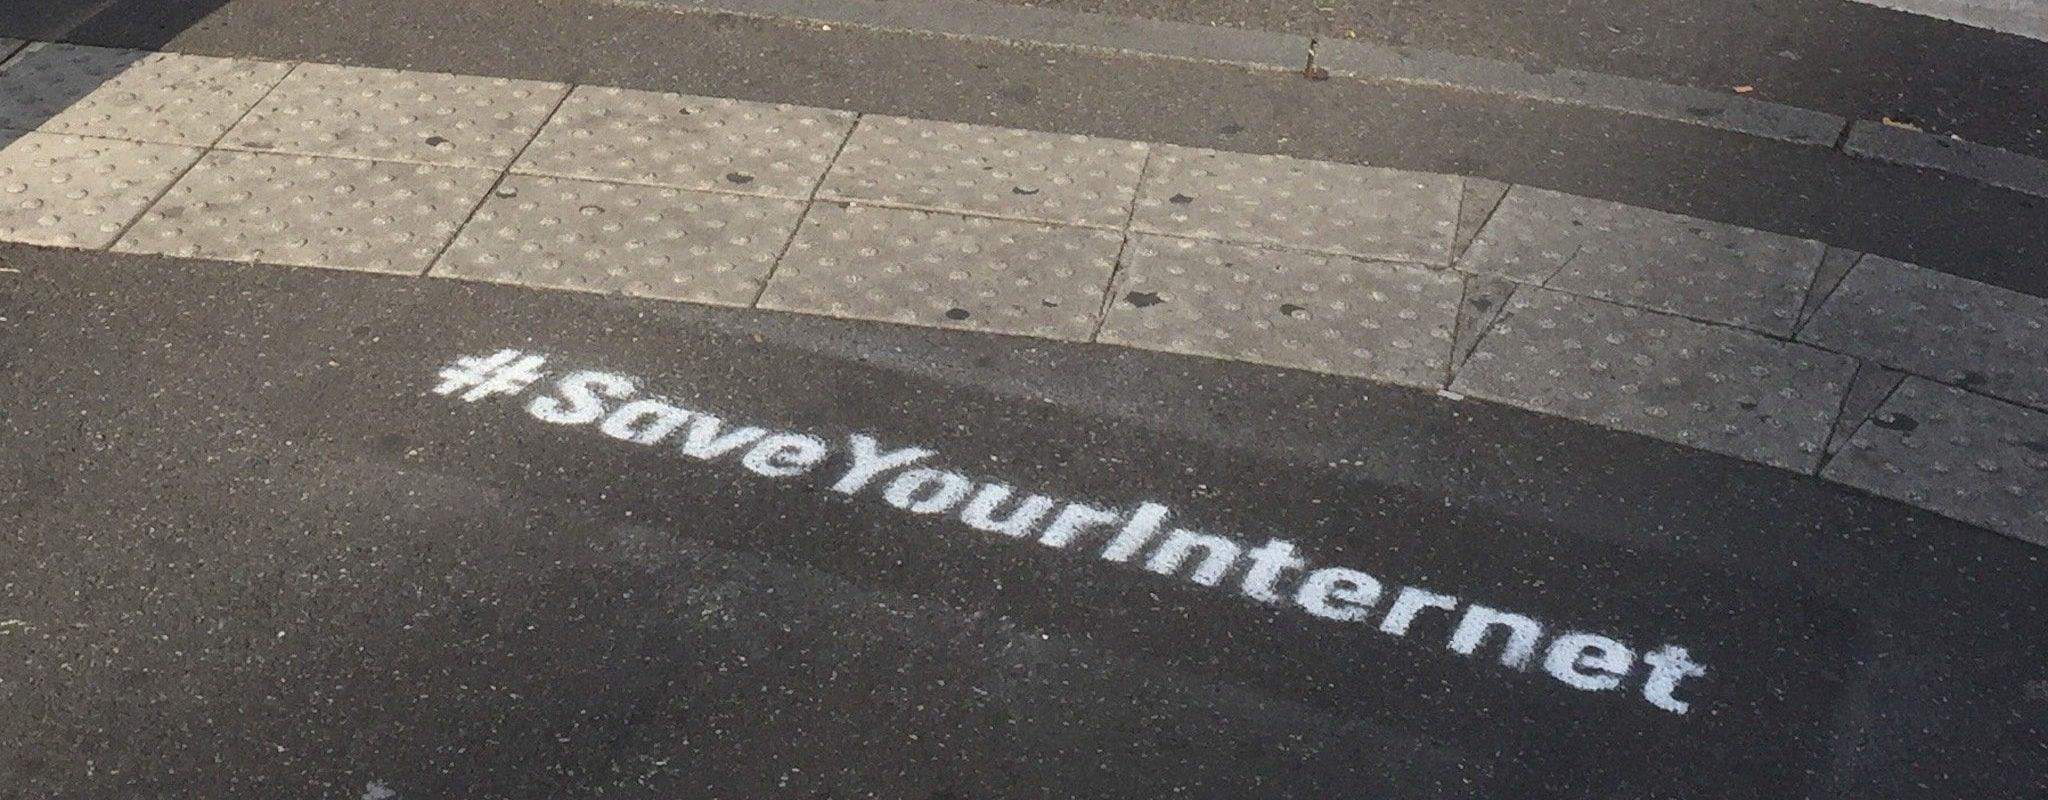 C'est quoi ces tags #SaveYourInternet partout à Strasbourg?